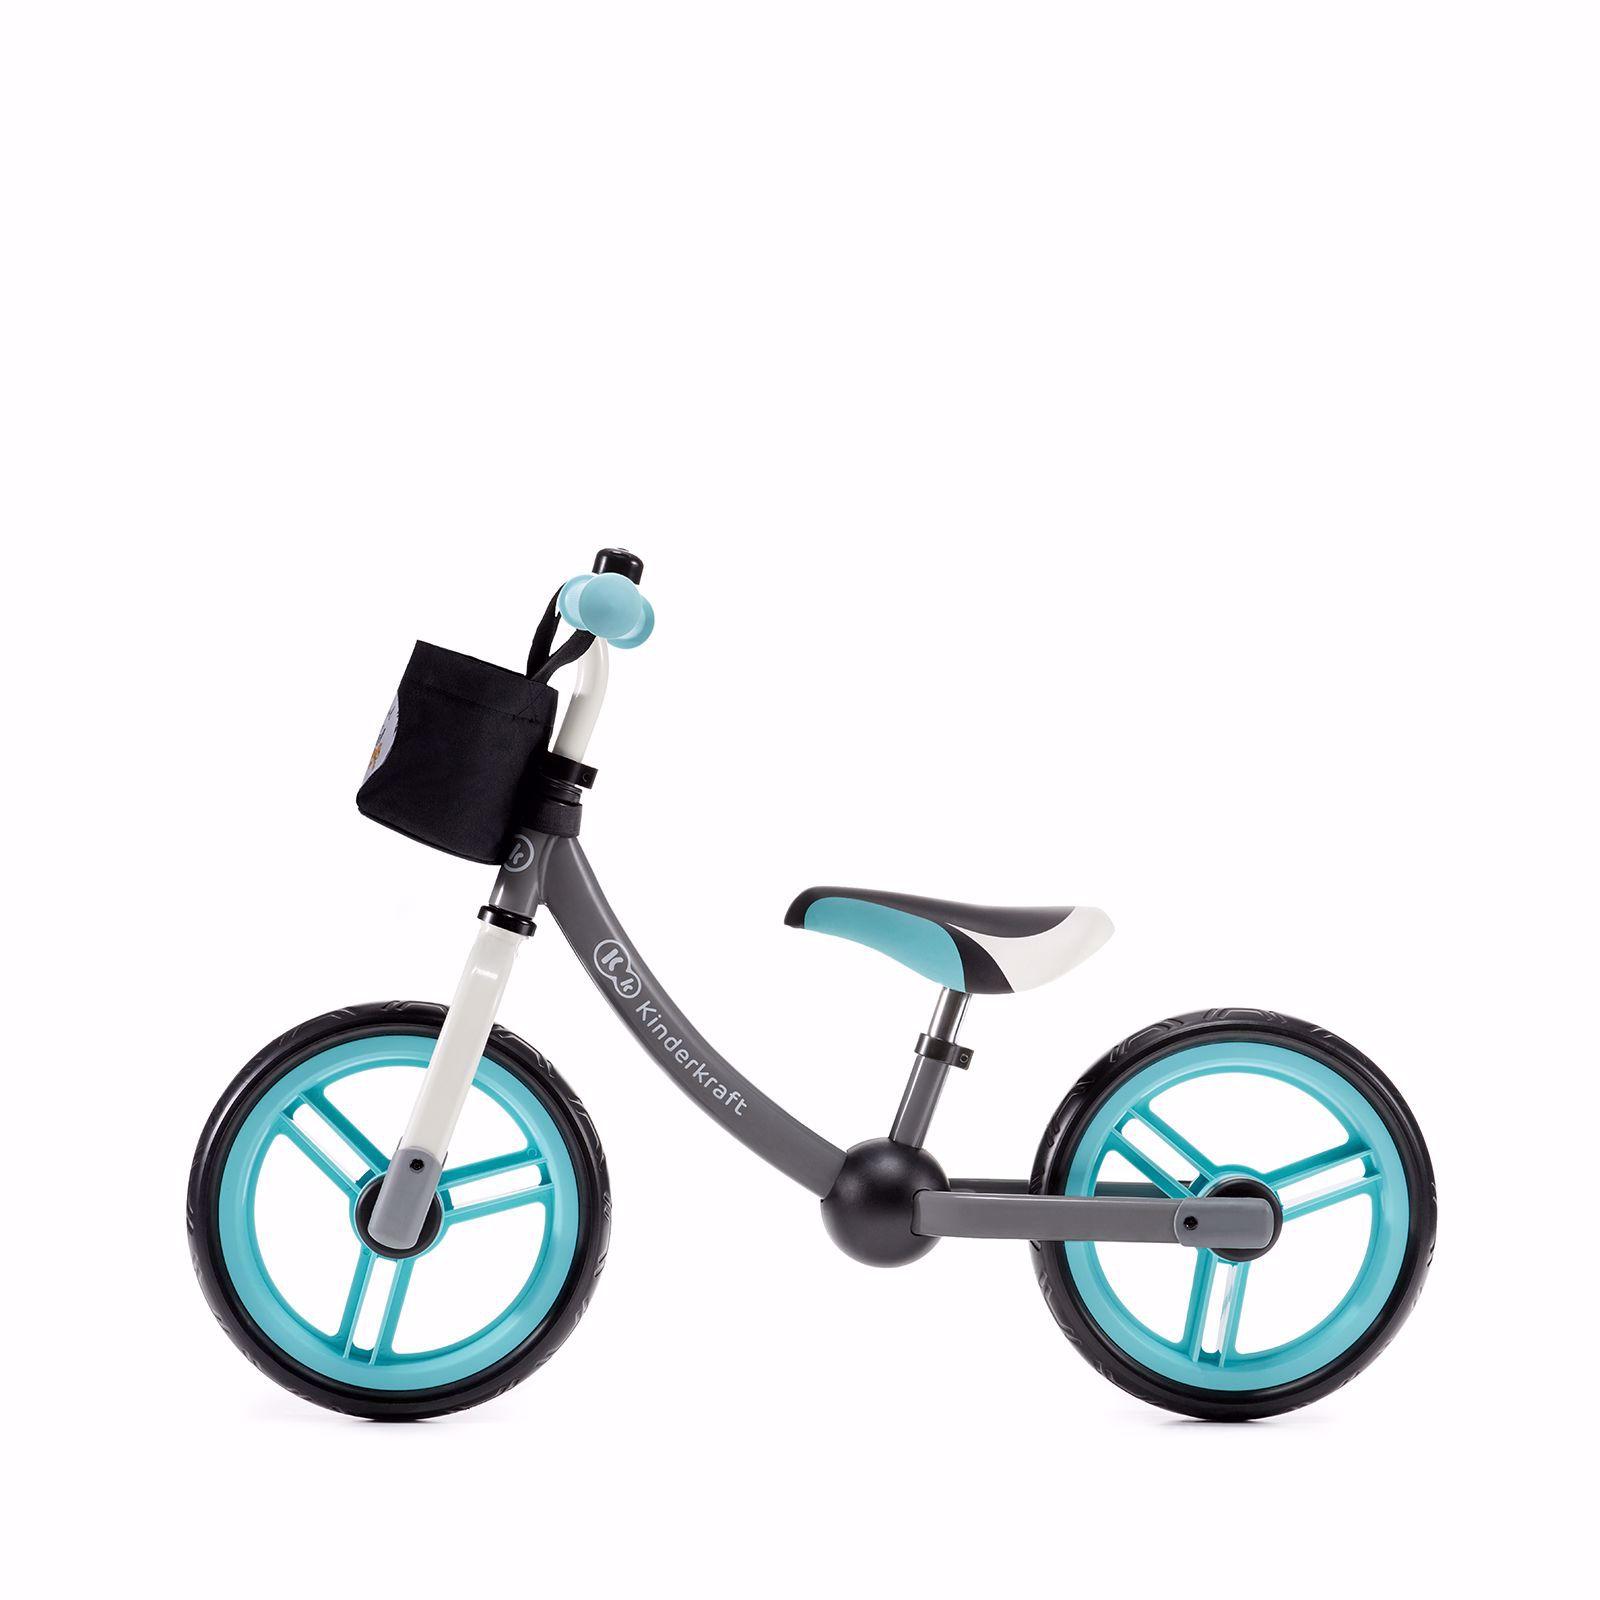 Obrazek Kinderkraft rowerek biegowy 2WAY next turquoise z akcesoriami